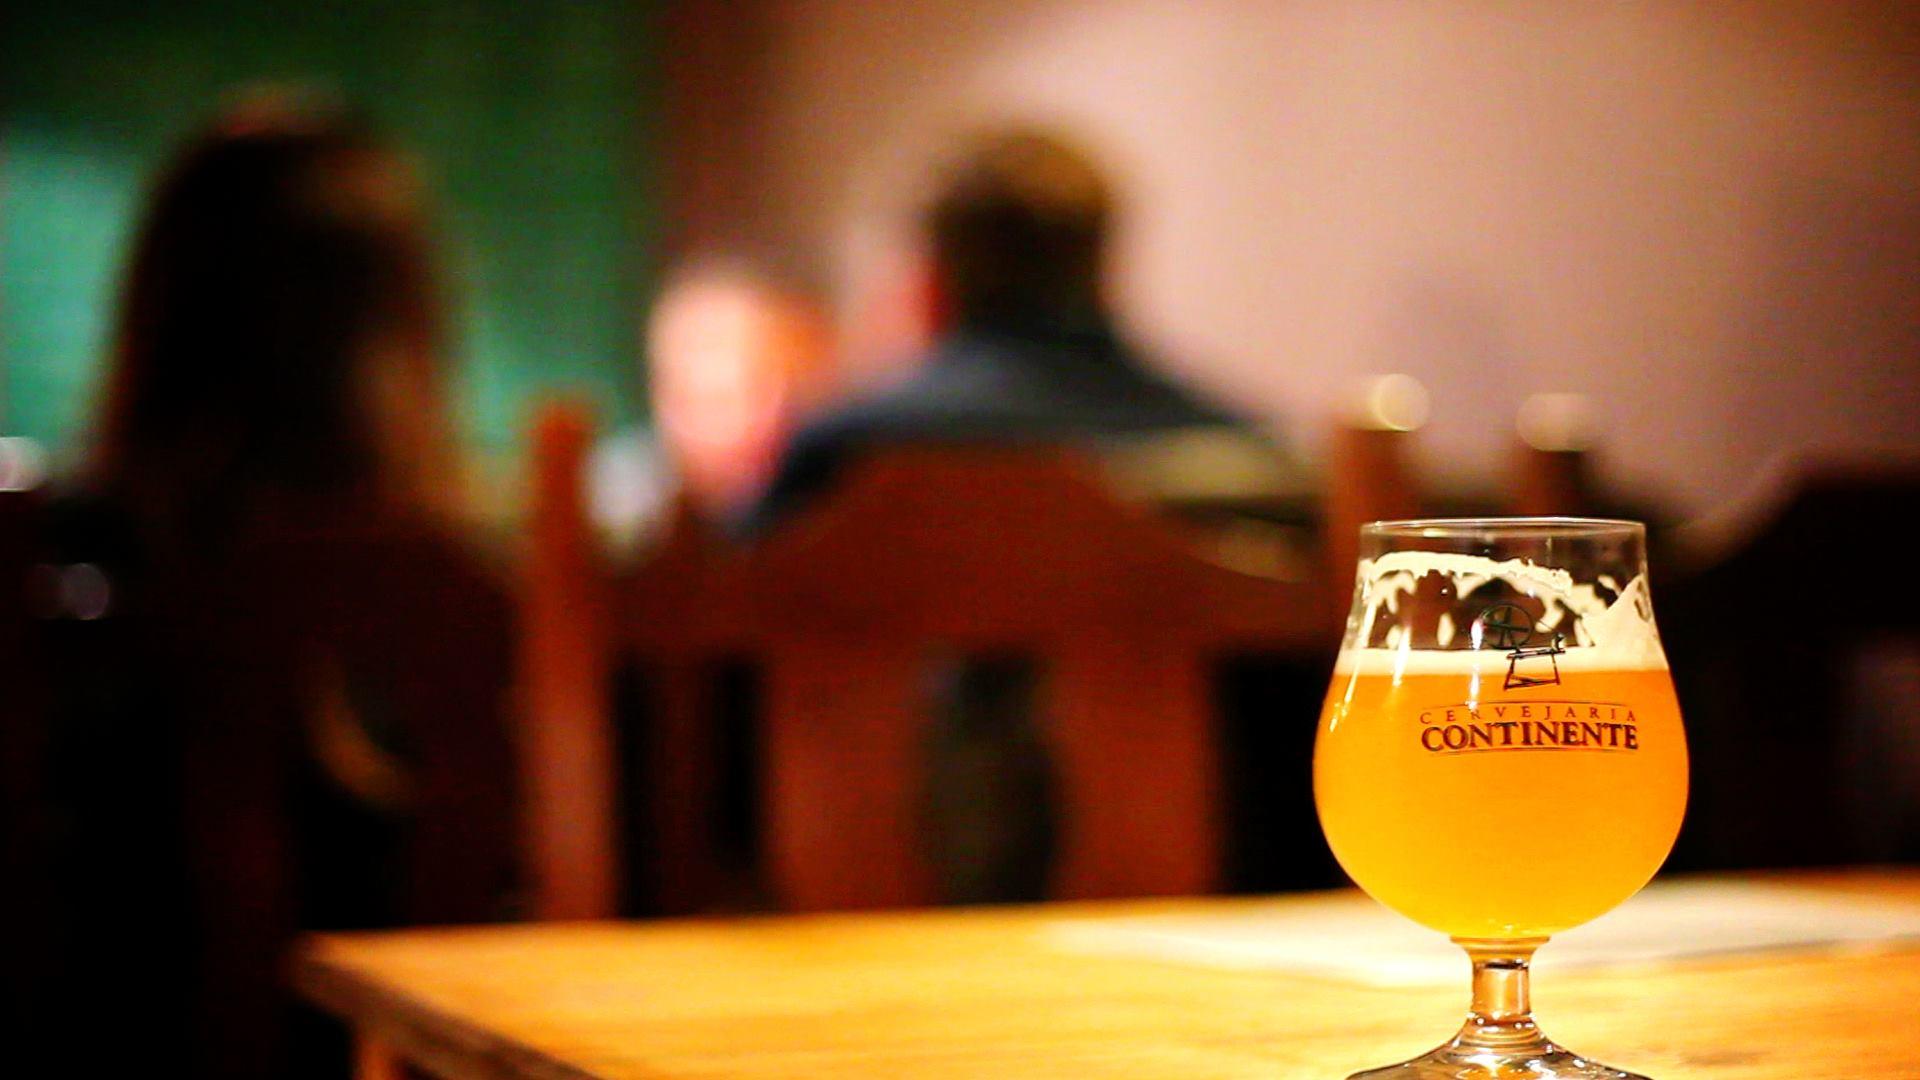 A cerveja da CB: a marca Continente produz 6 mil litros por mês na Rua Olavo Bilac (Foto/Divulgação)